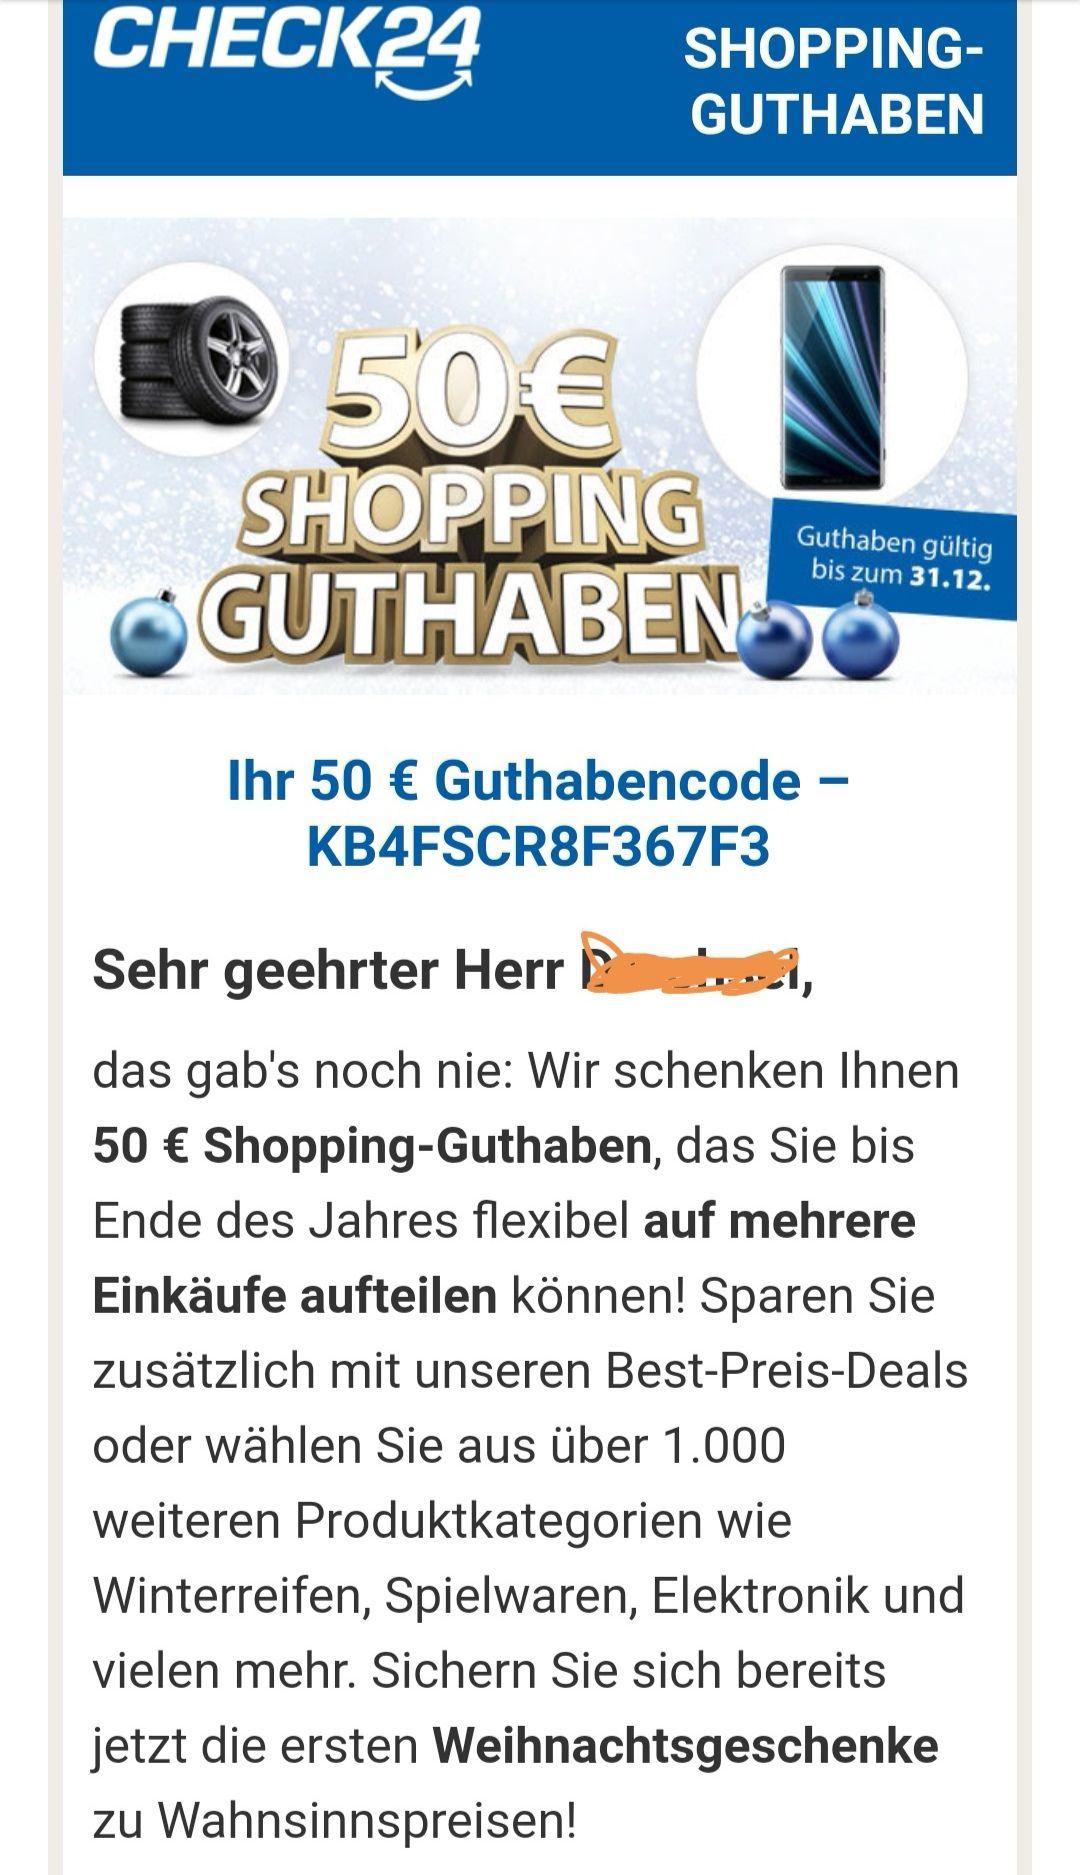 Check24 Shopping bis 50€ Gutscheincode gestaffelt bis 31.12.2018